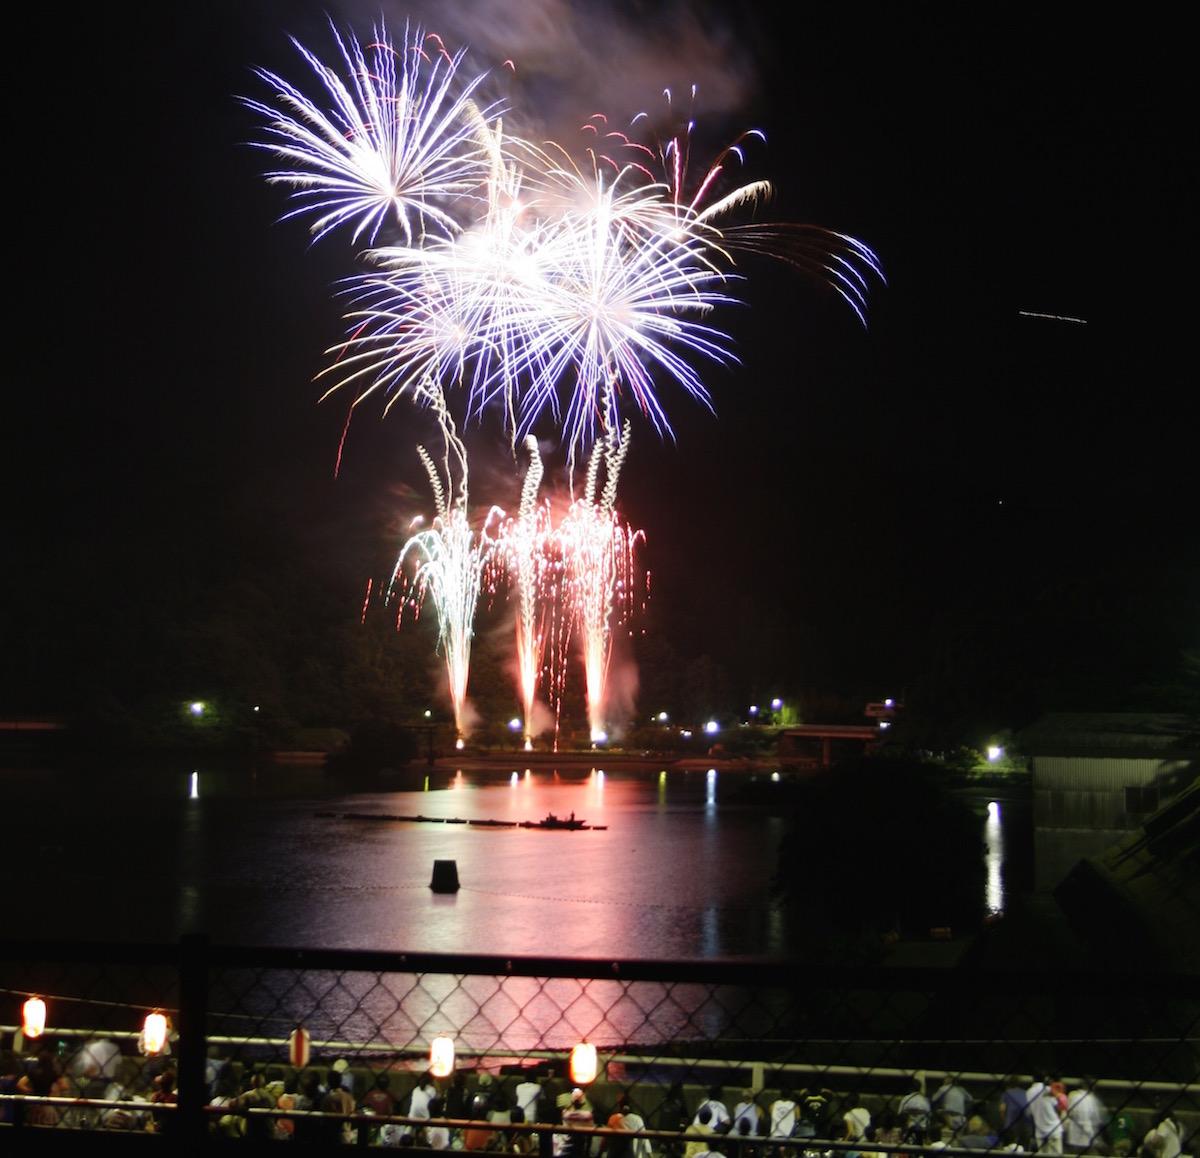 君津市民ふれあい祭りの君津市民花火大会